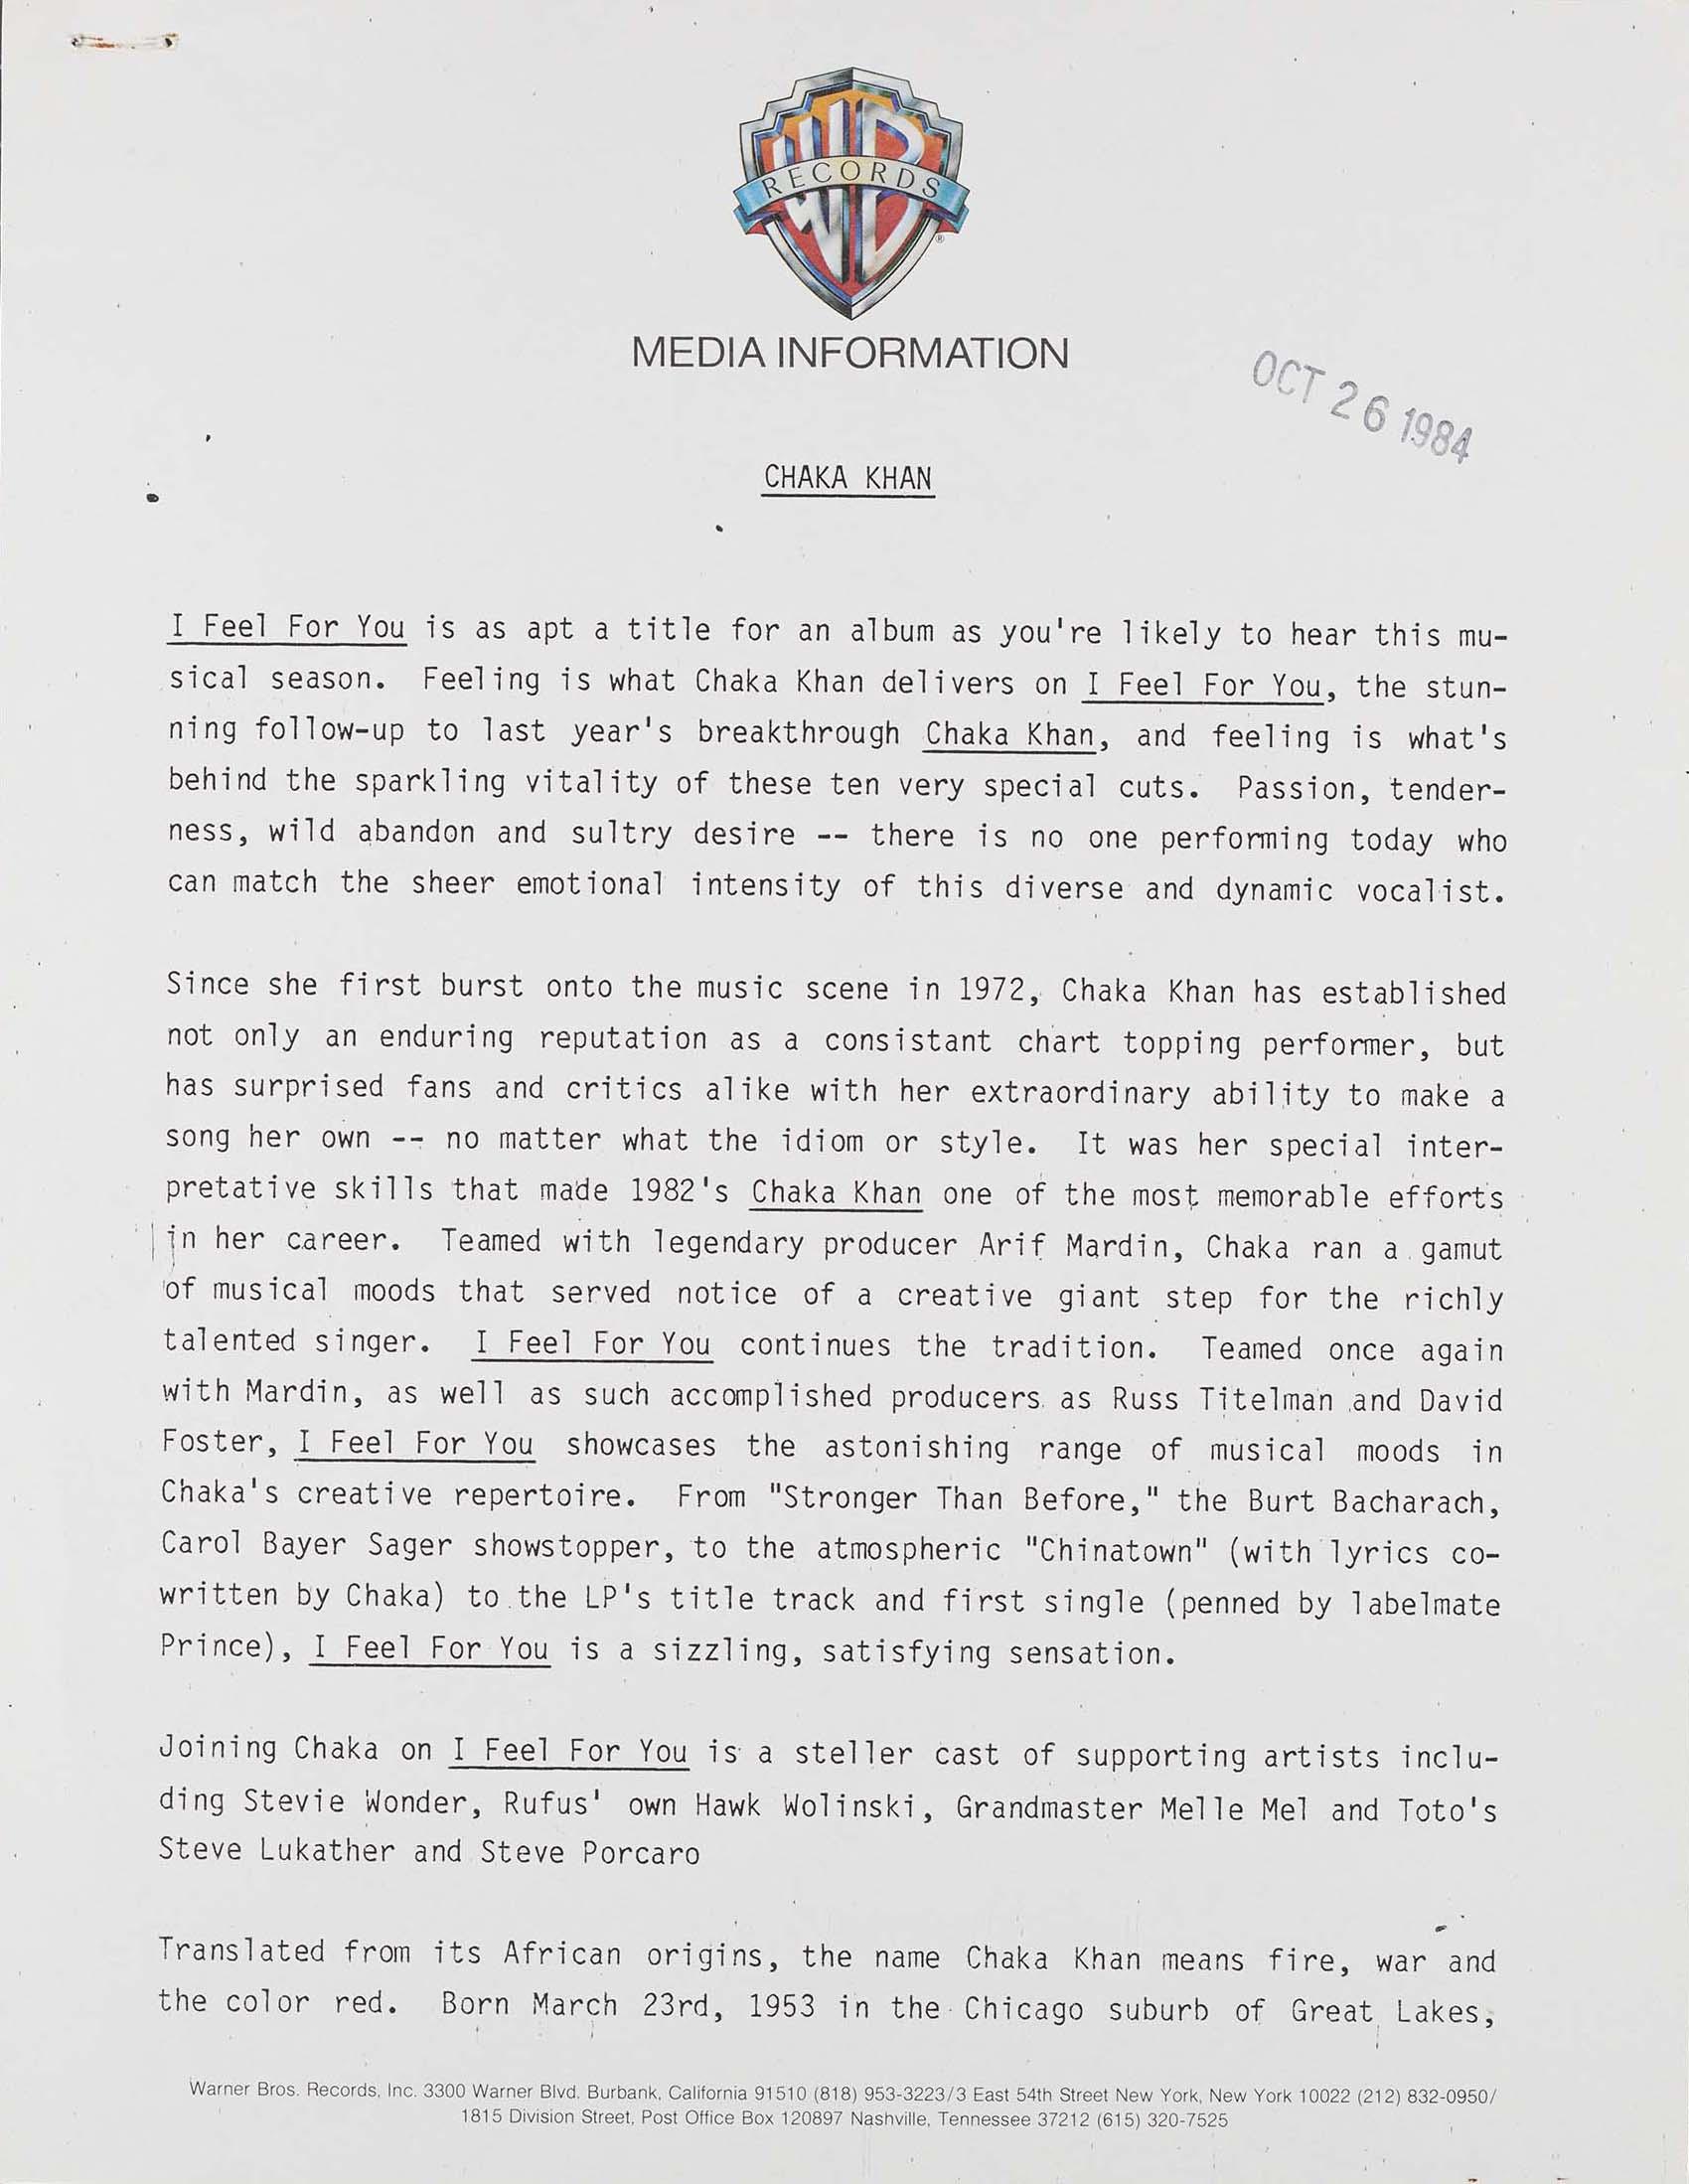 WB Records Chaka Khan press release